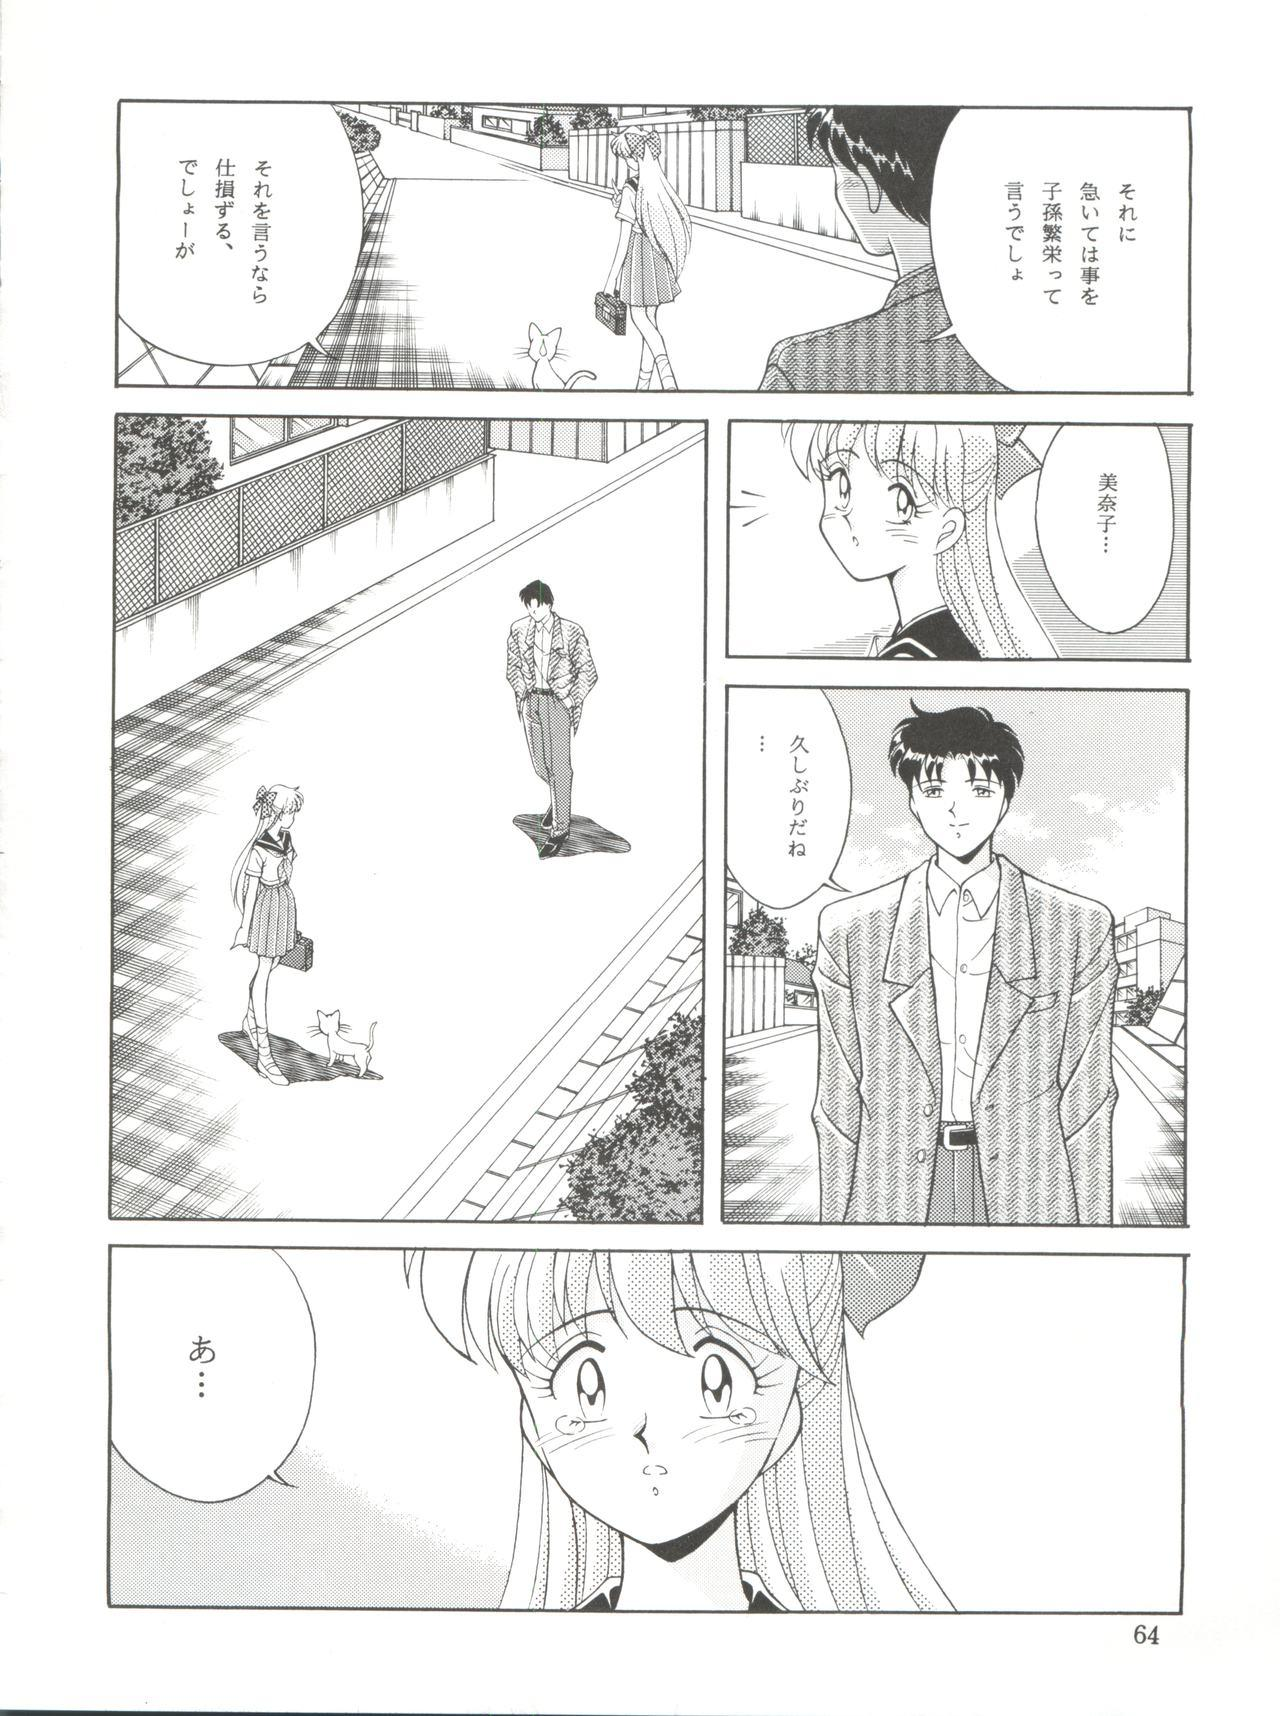 NANIWA-YA FINAL DRESS UP! 63